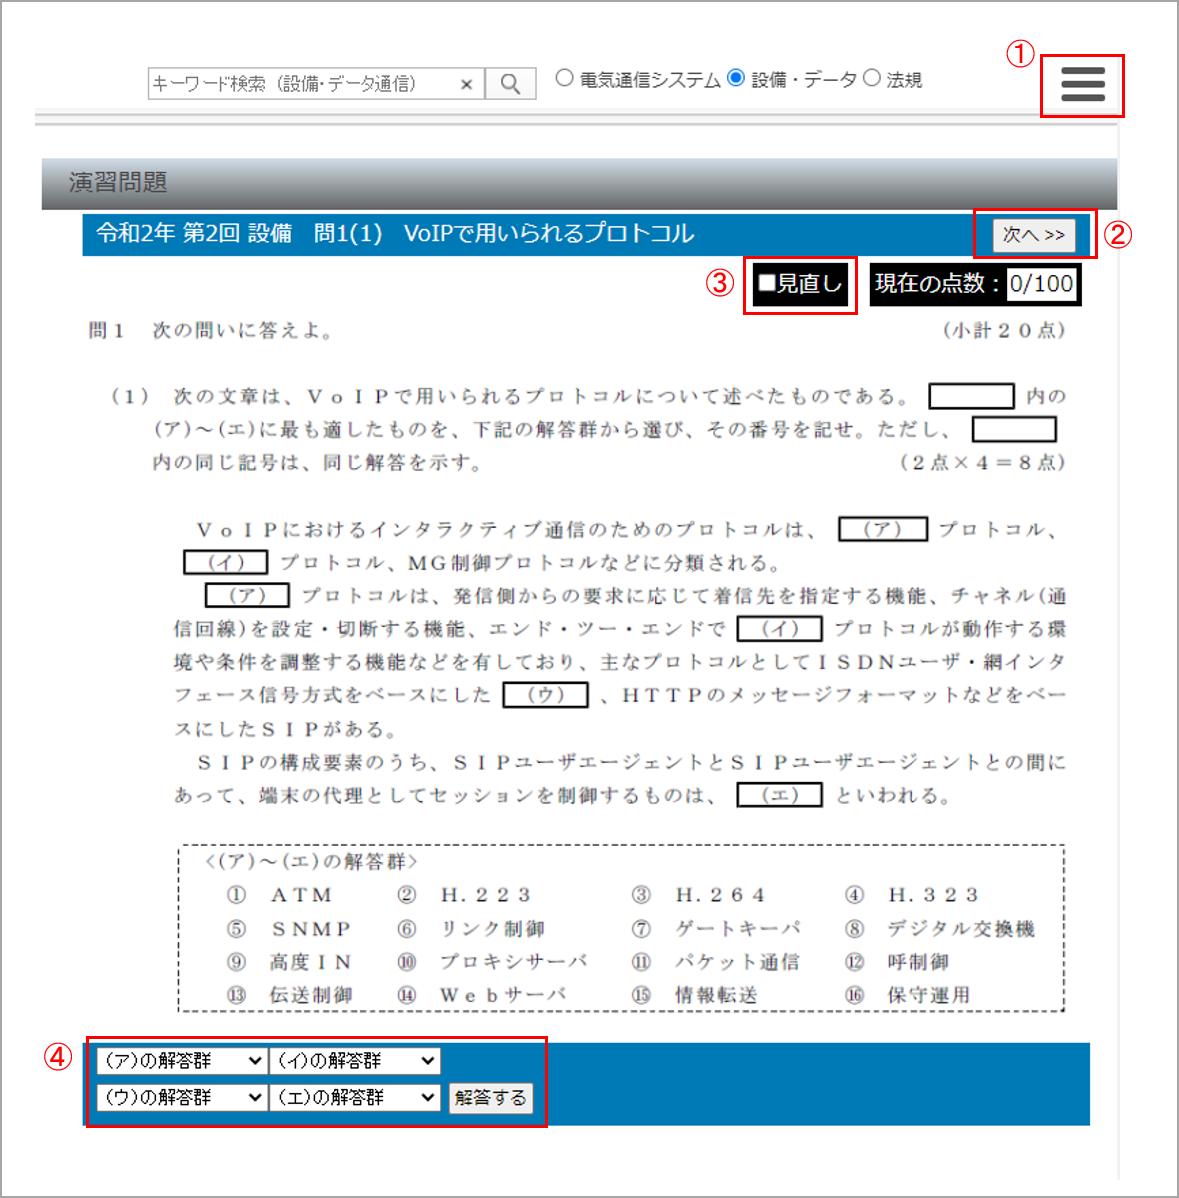 web_app_main.png